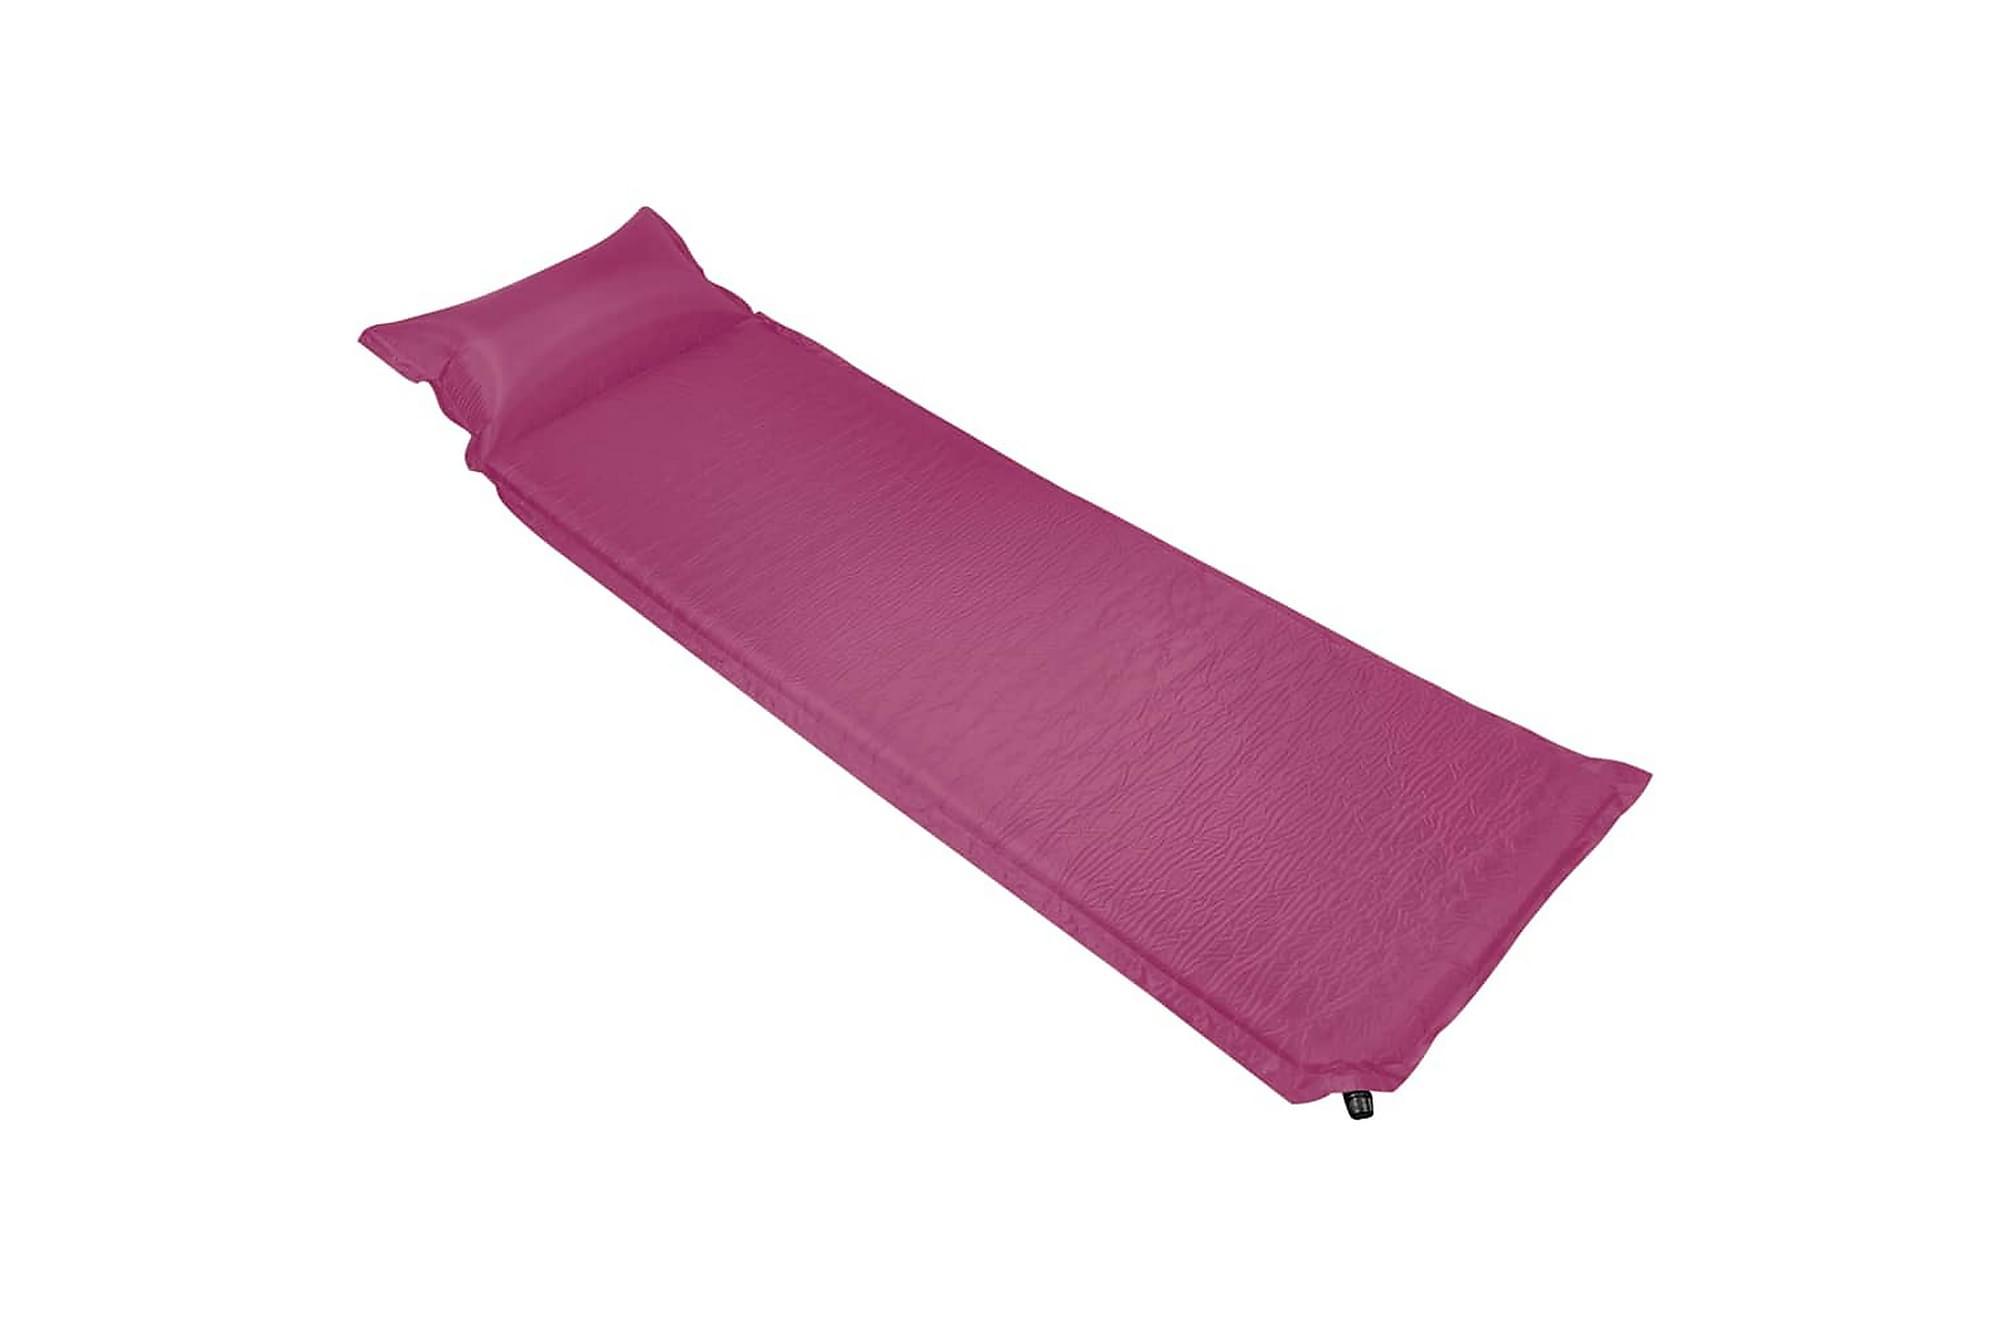 Luftmadrass med kudde 66x200 cm rosa, Luftmadrasser & uppblåsbara madrass